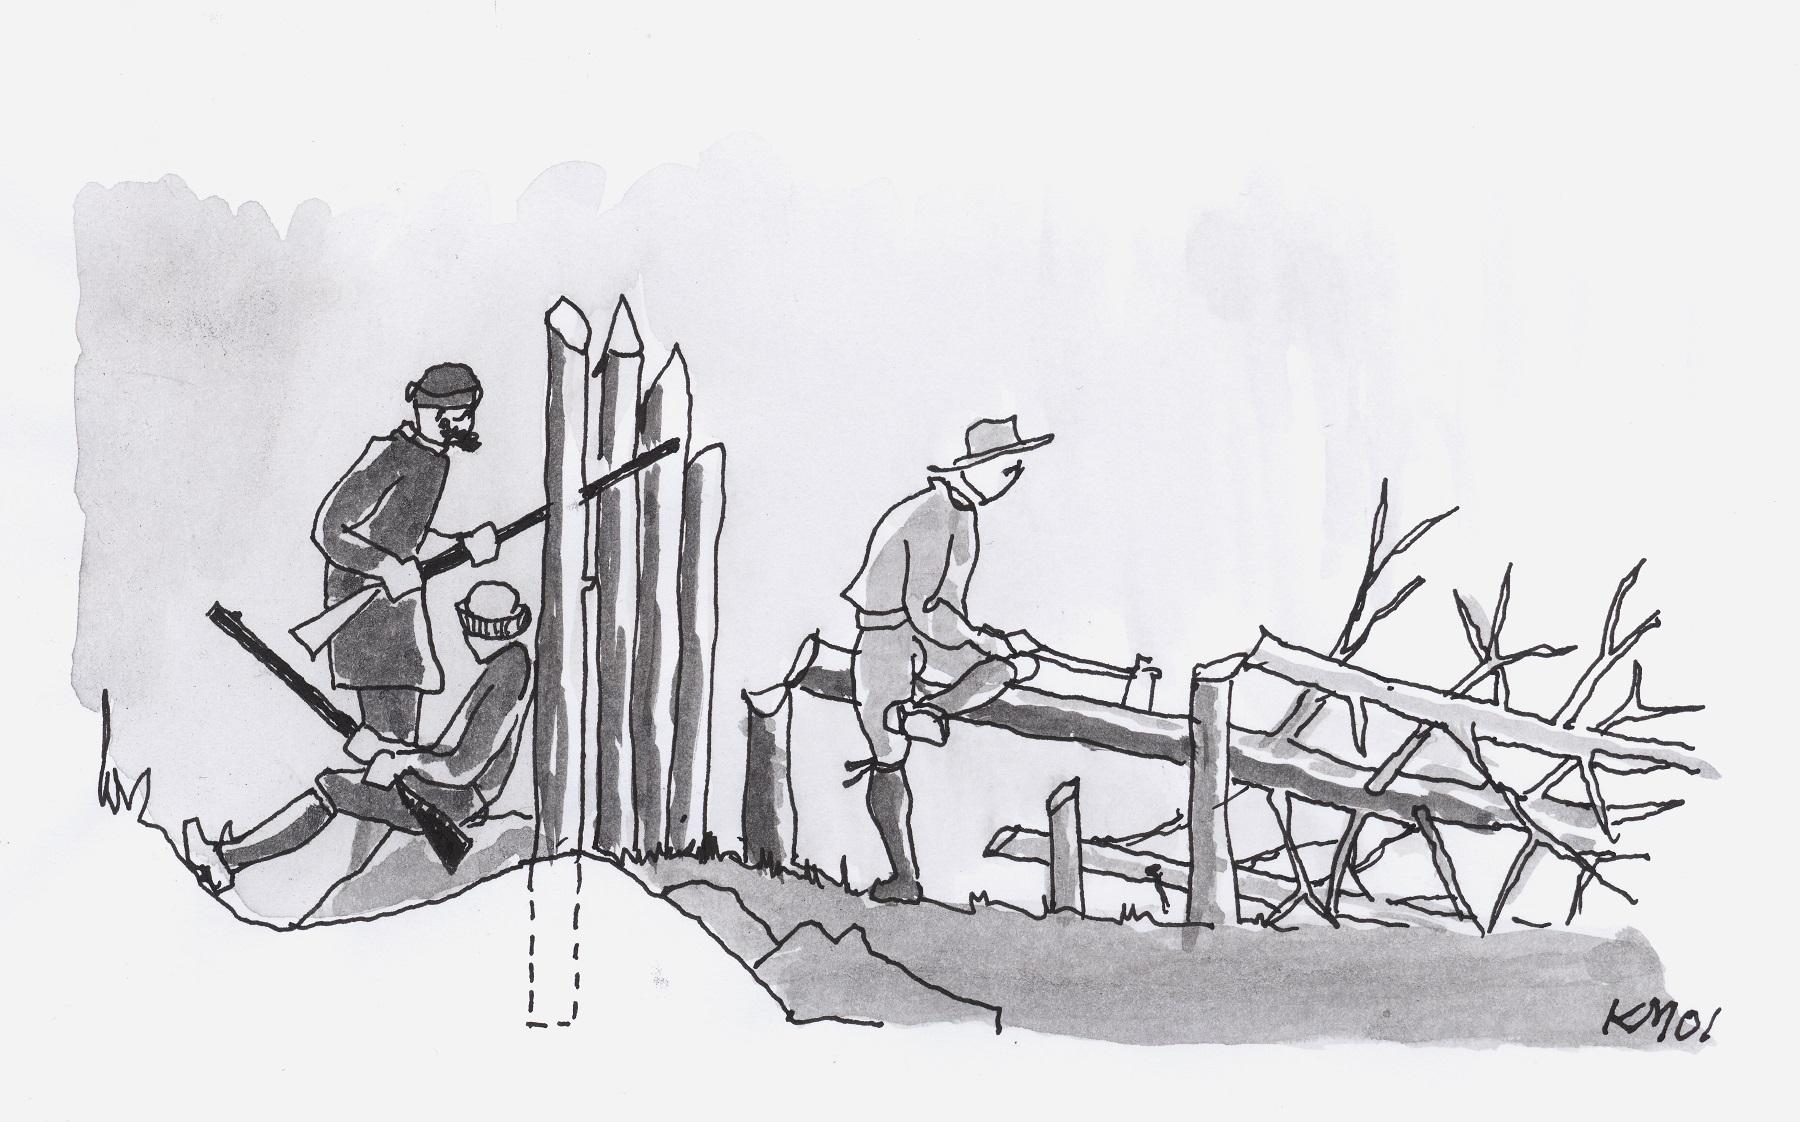 Munthe beskriver at Det frivillige Kompaniets hadde palisadeverk av bakhôn. Illustrasjon av Kjeld Magnussen slik den er presentert i heftet «Festningsverk i Østfold før 1814» (Fortidsminneforeningen).